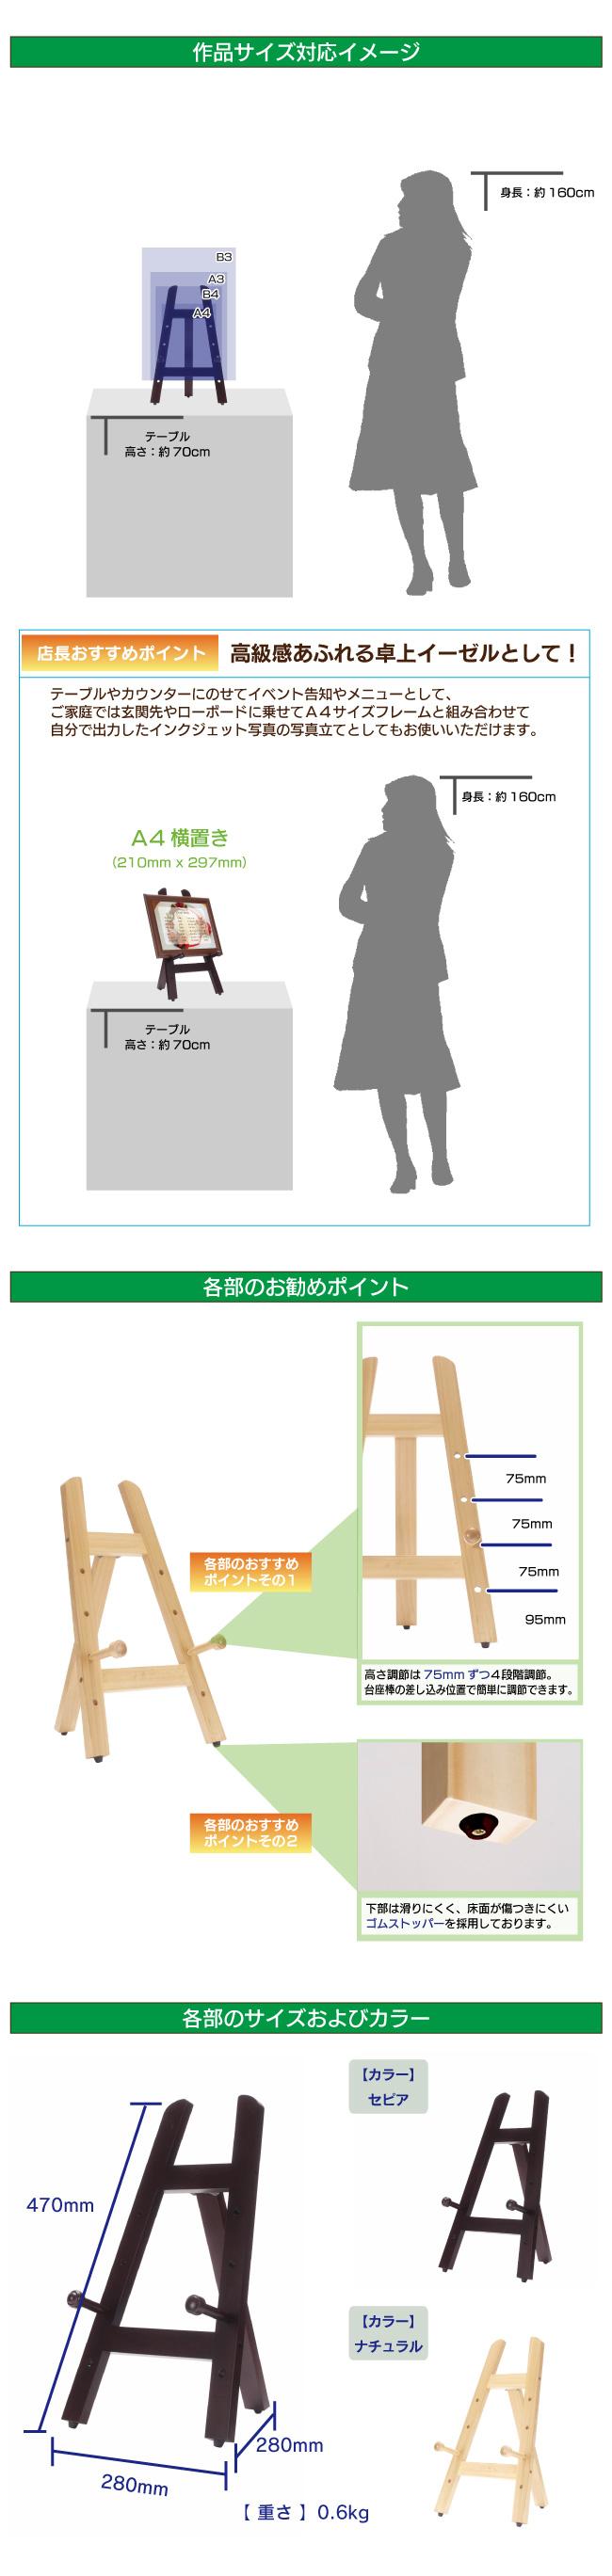 ポスターフレーム用イーゼル45商品説明